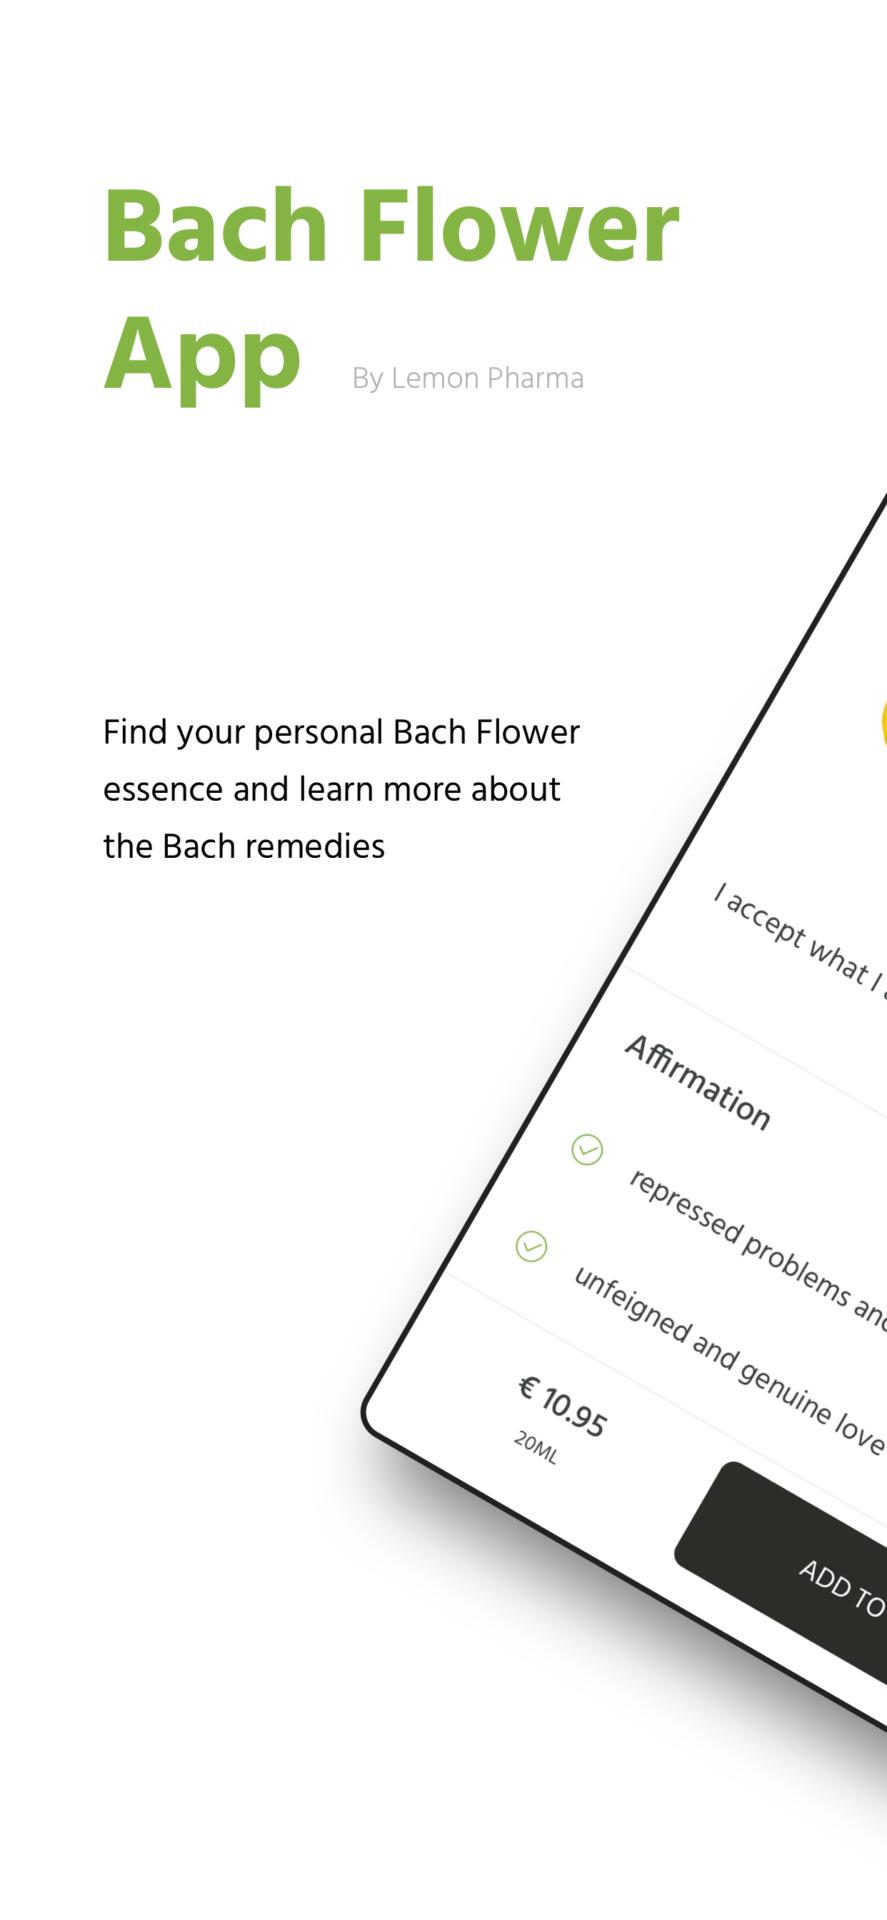 original bachflower app Dr. Bach Lemon Pharma